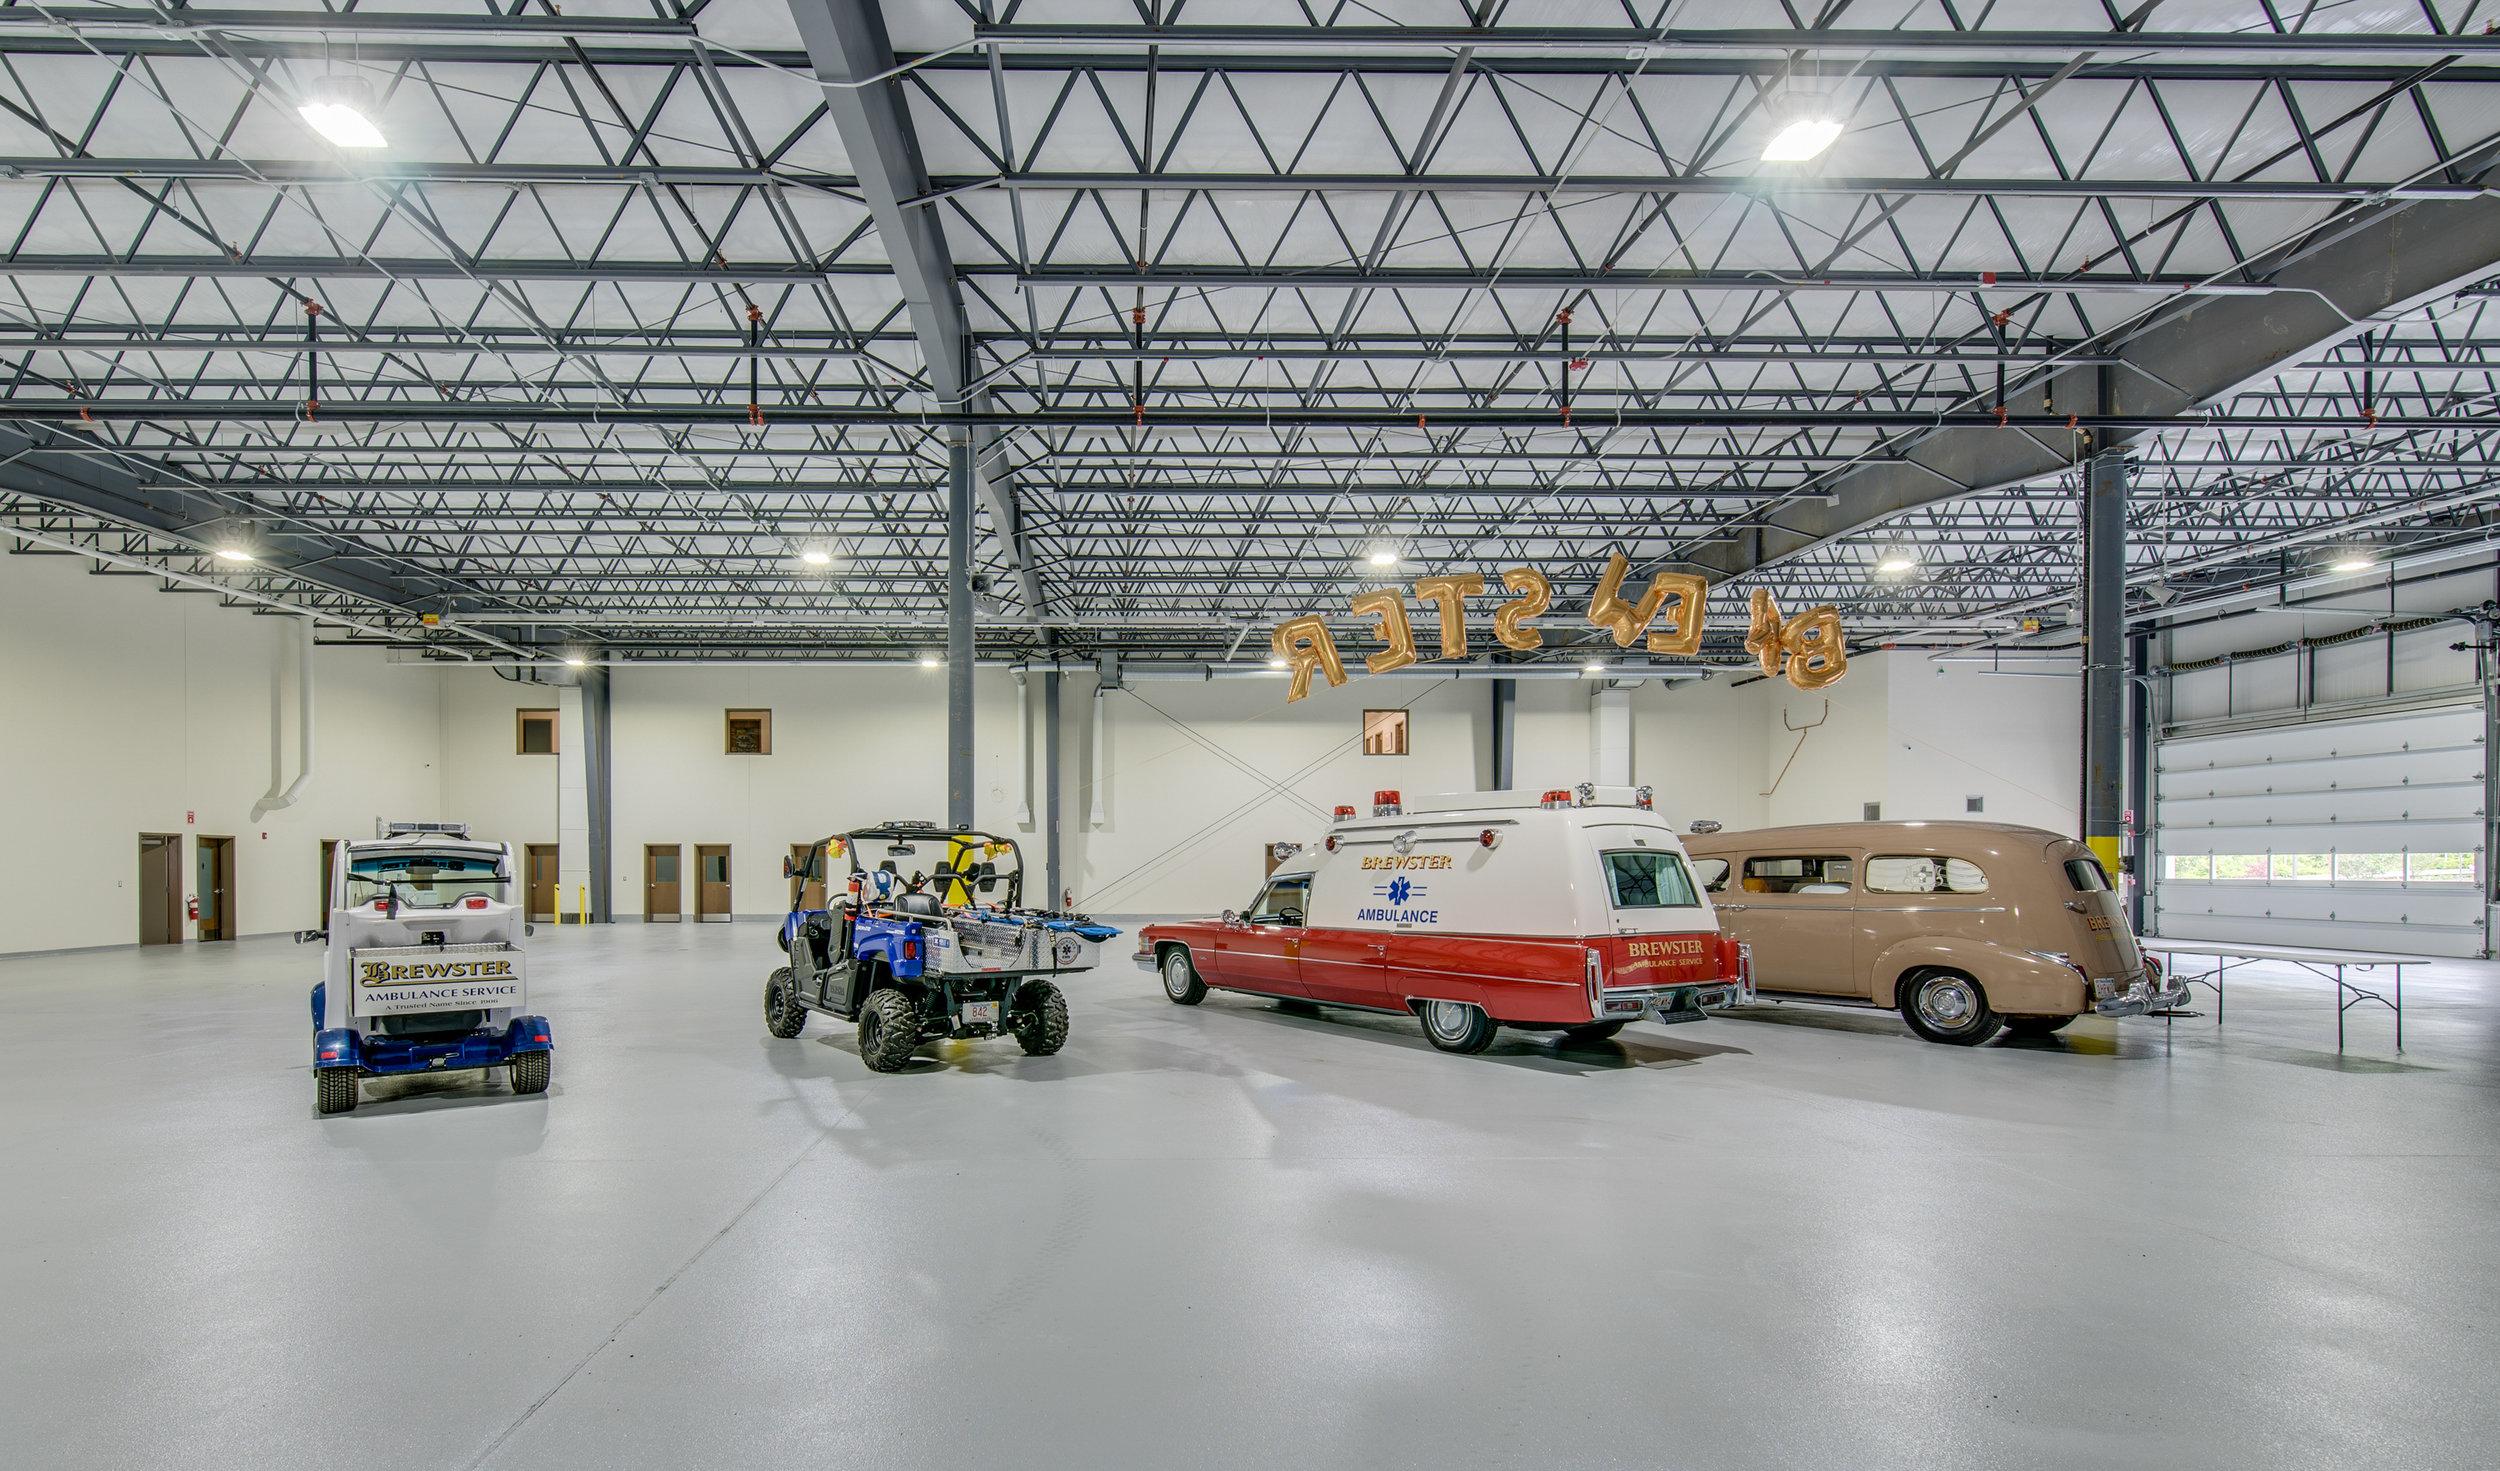 brewster-ambulance-32-of-34jpg_34914591812_o.jpg